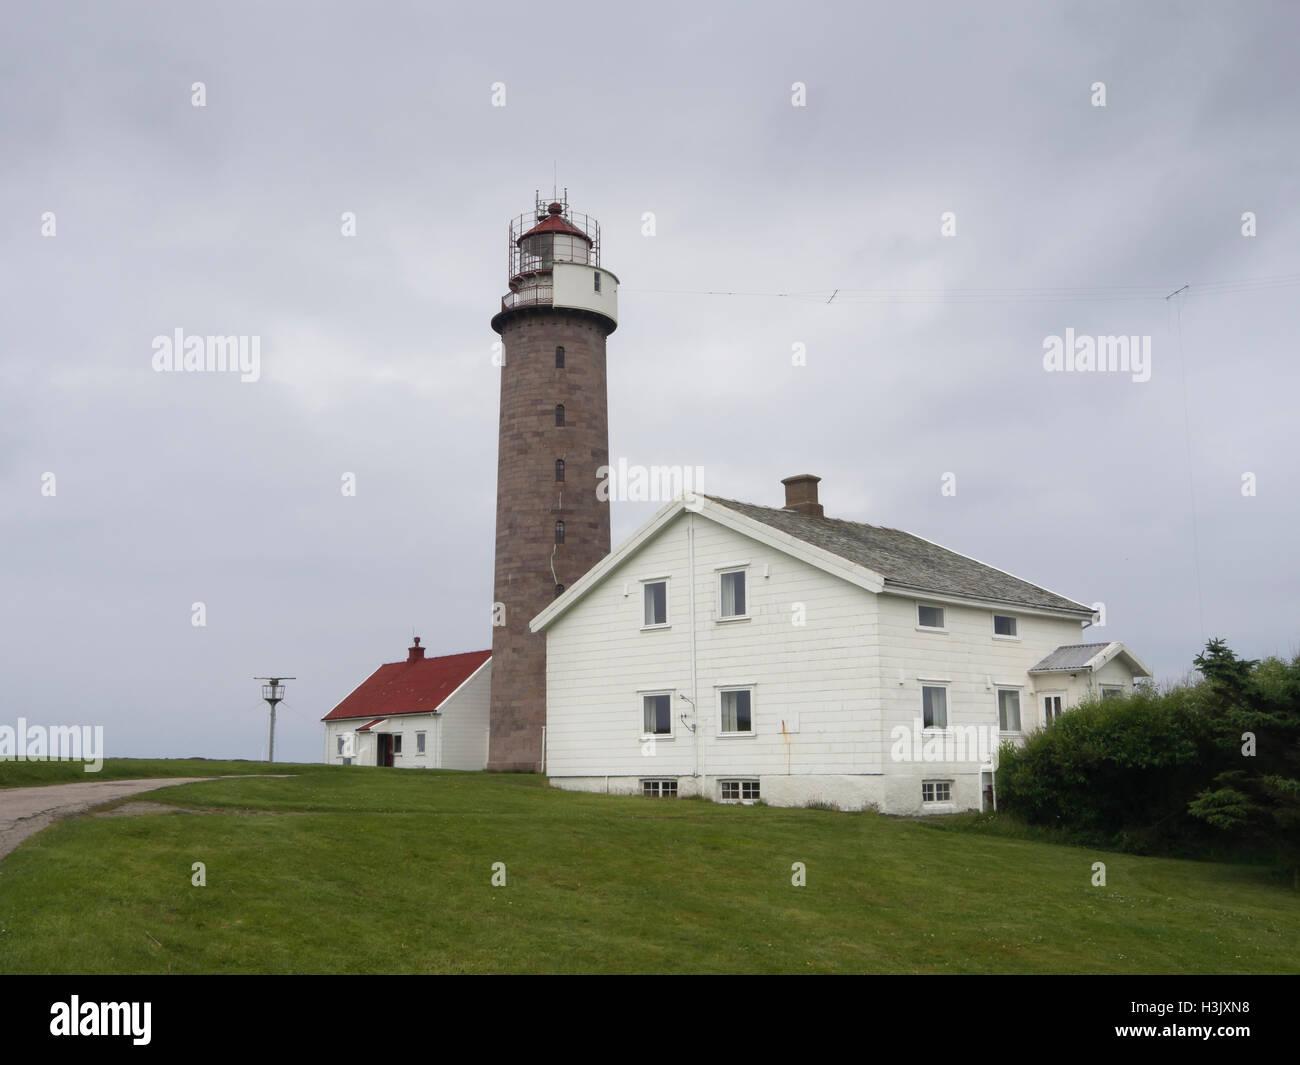 Lista Leuchtturm in der Halbinsel Lista Norwegen Vest-Agder, vollautomatische und wichtig für die Nordsee Schiffsverkehr Stockbild